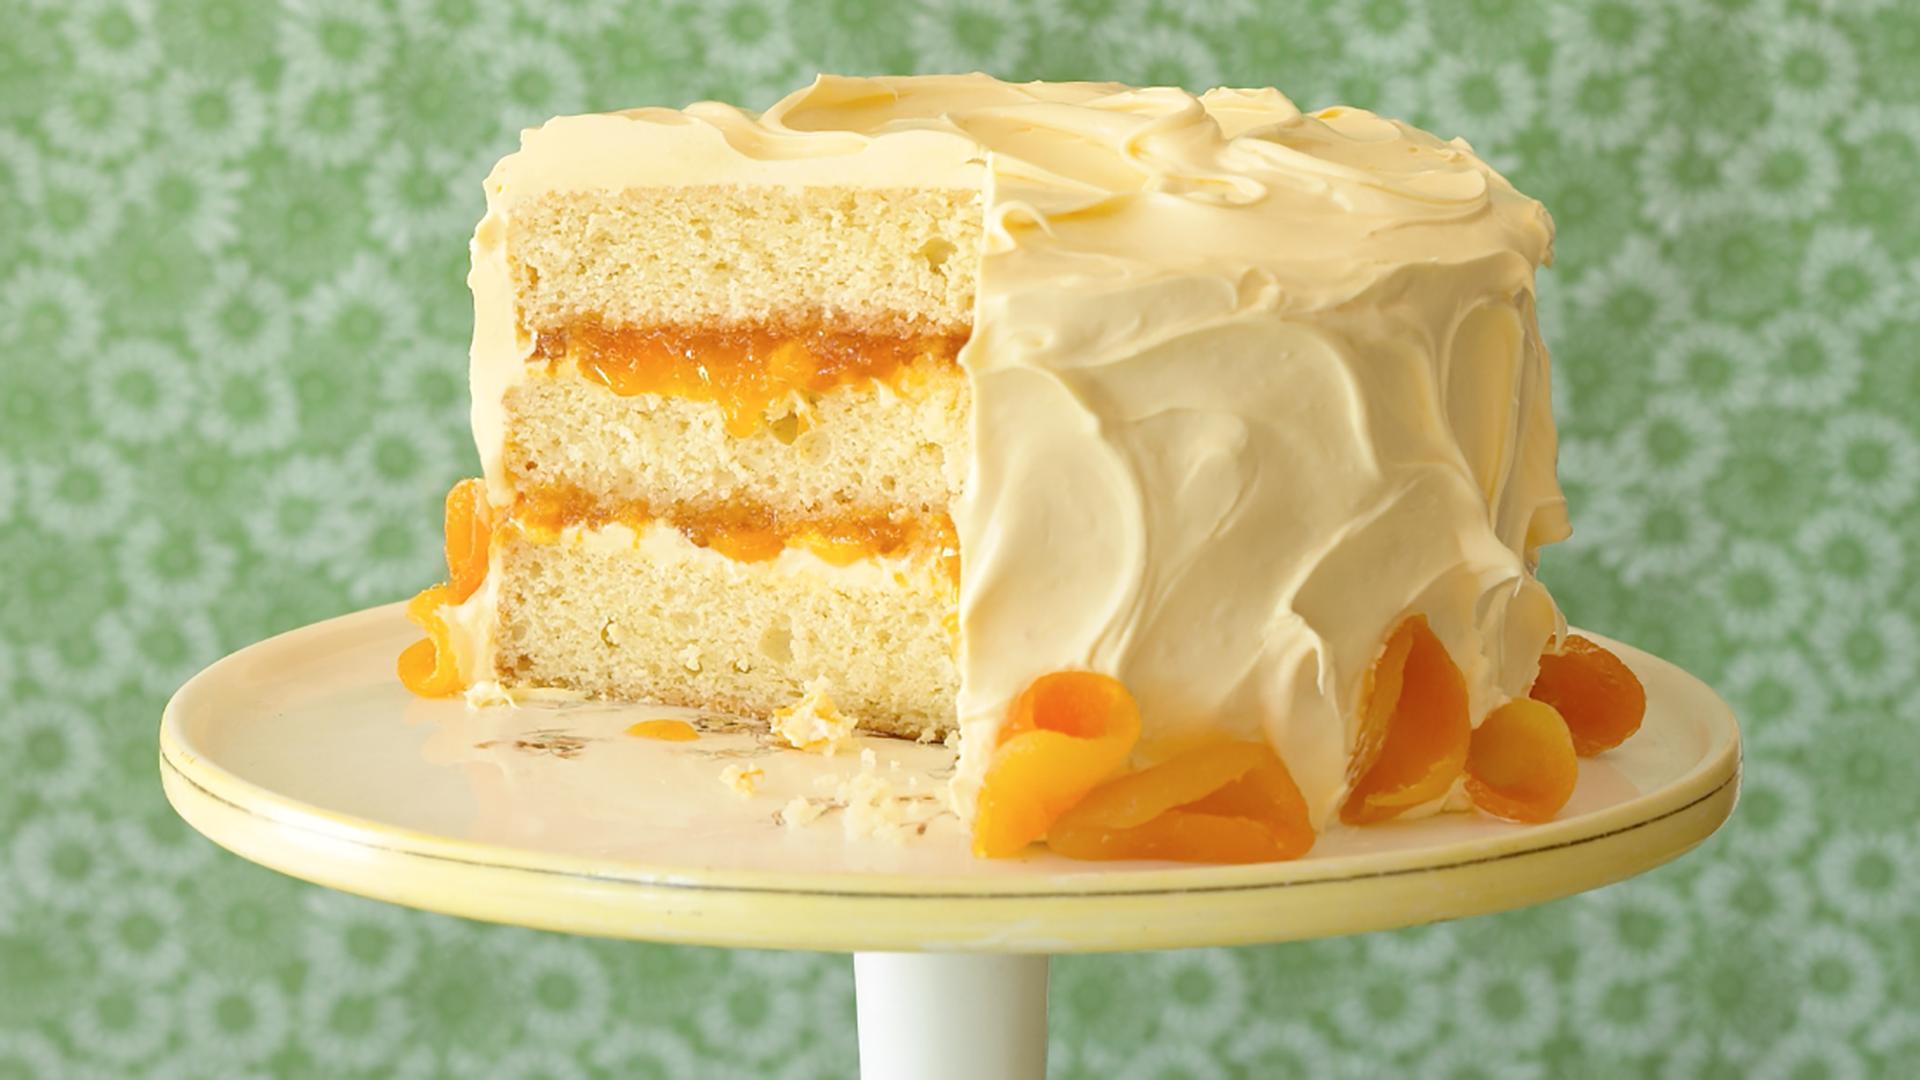 Randalls Bakery Cakes